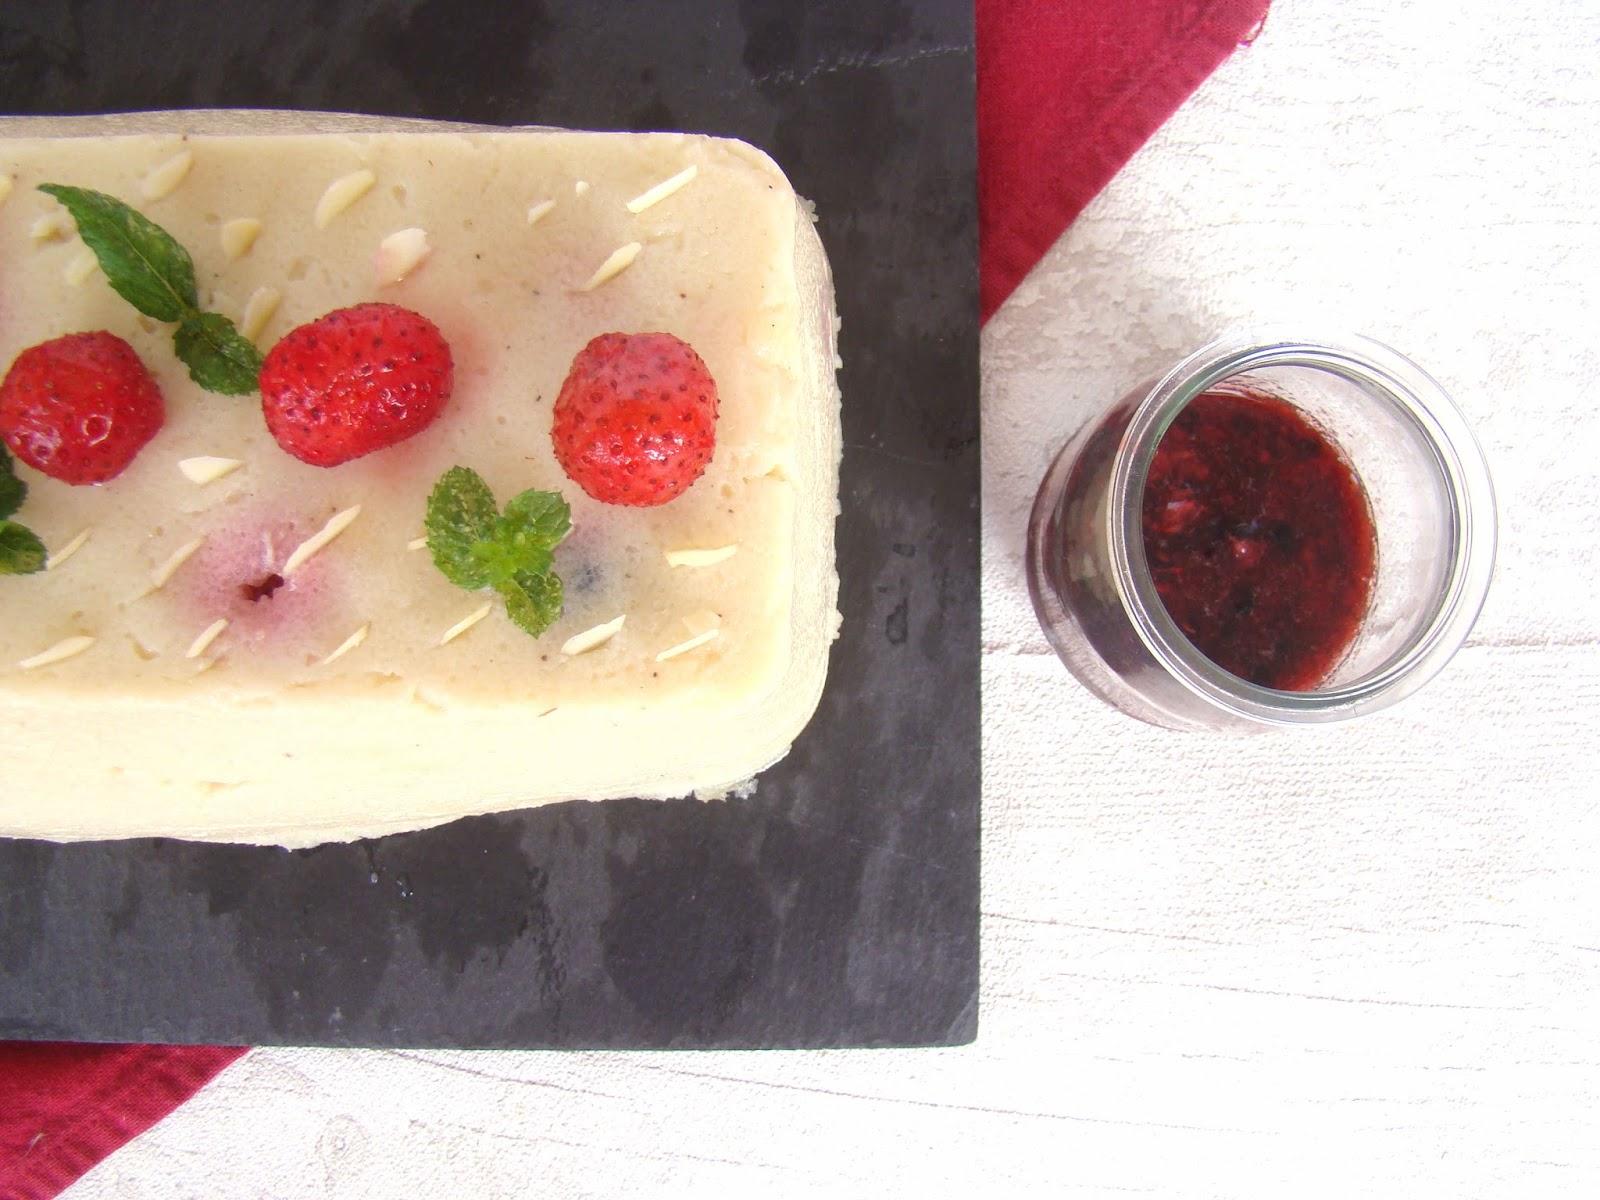 La Terrine de fruits, un dessert frais et inratable